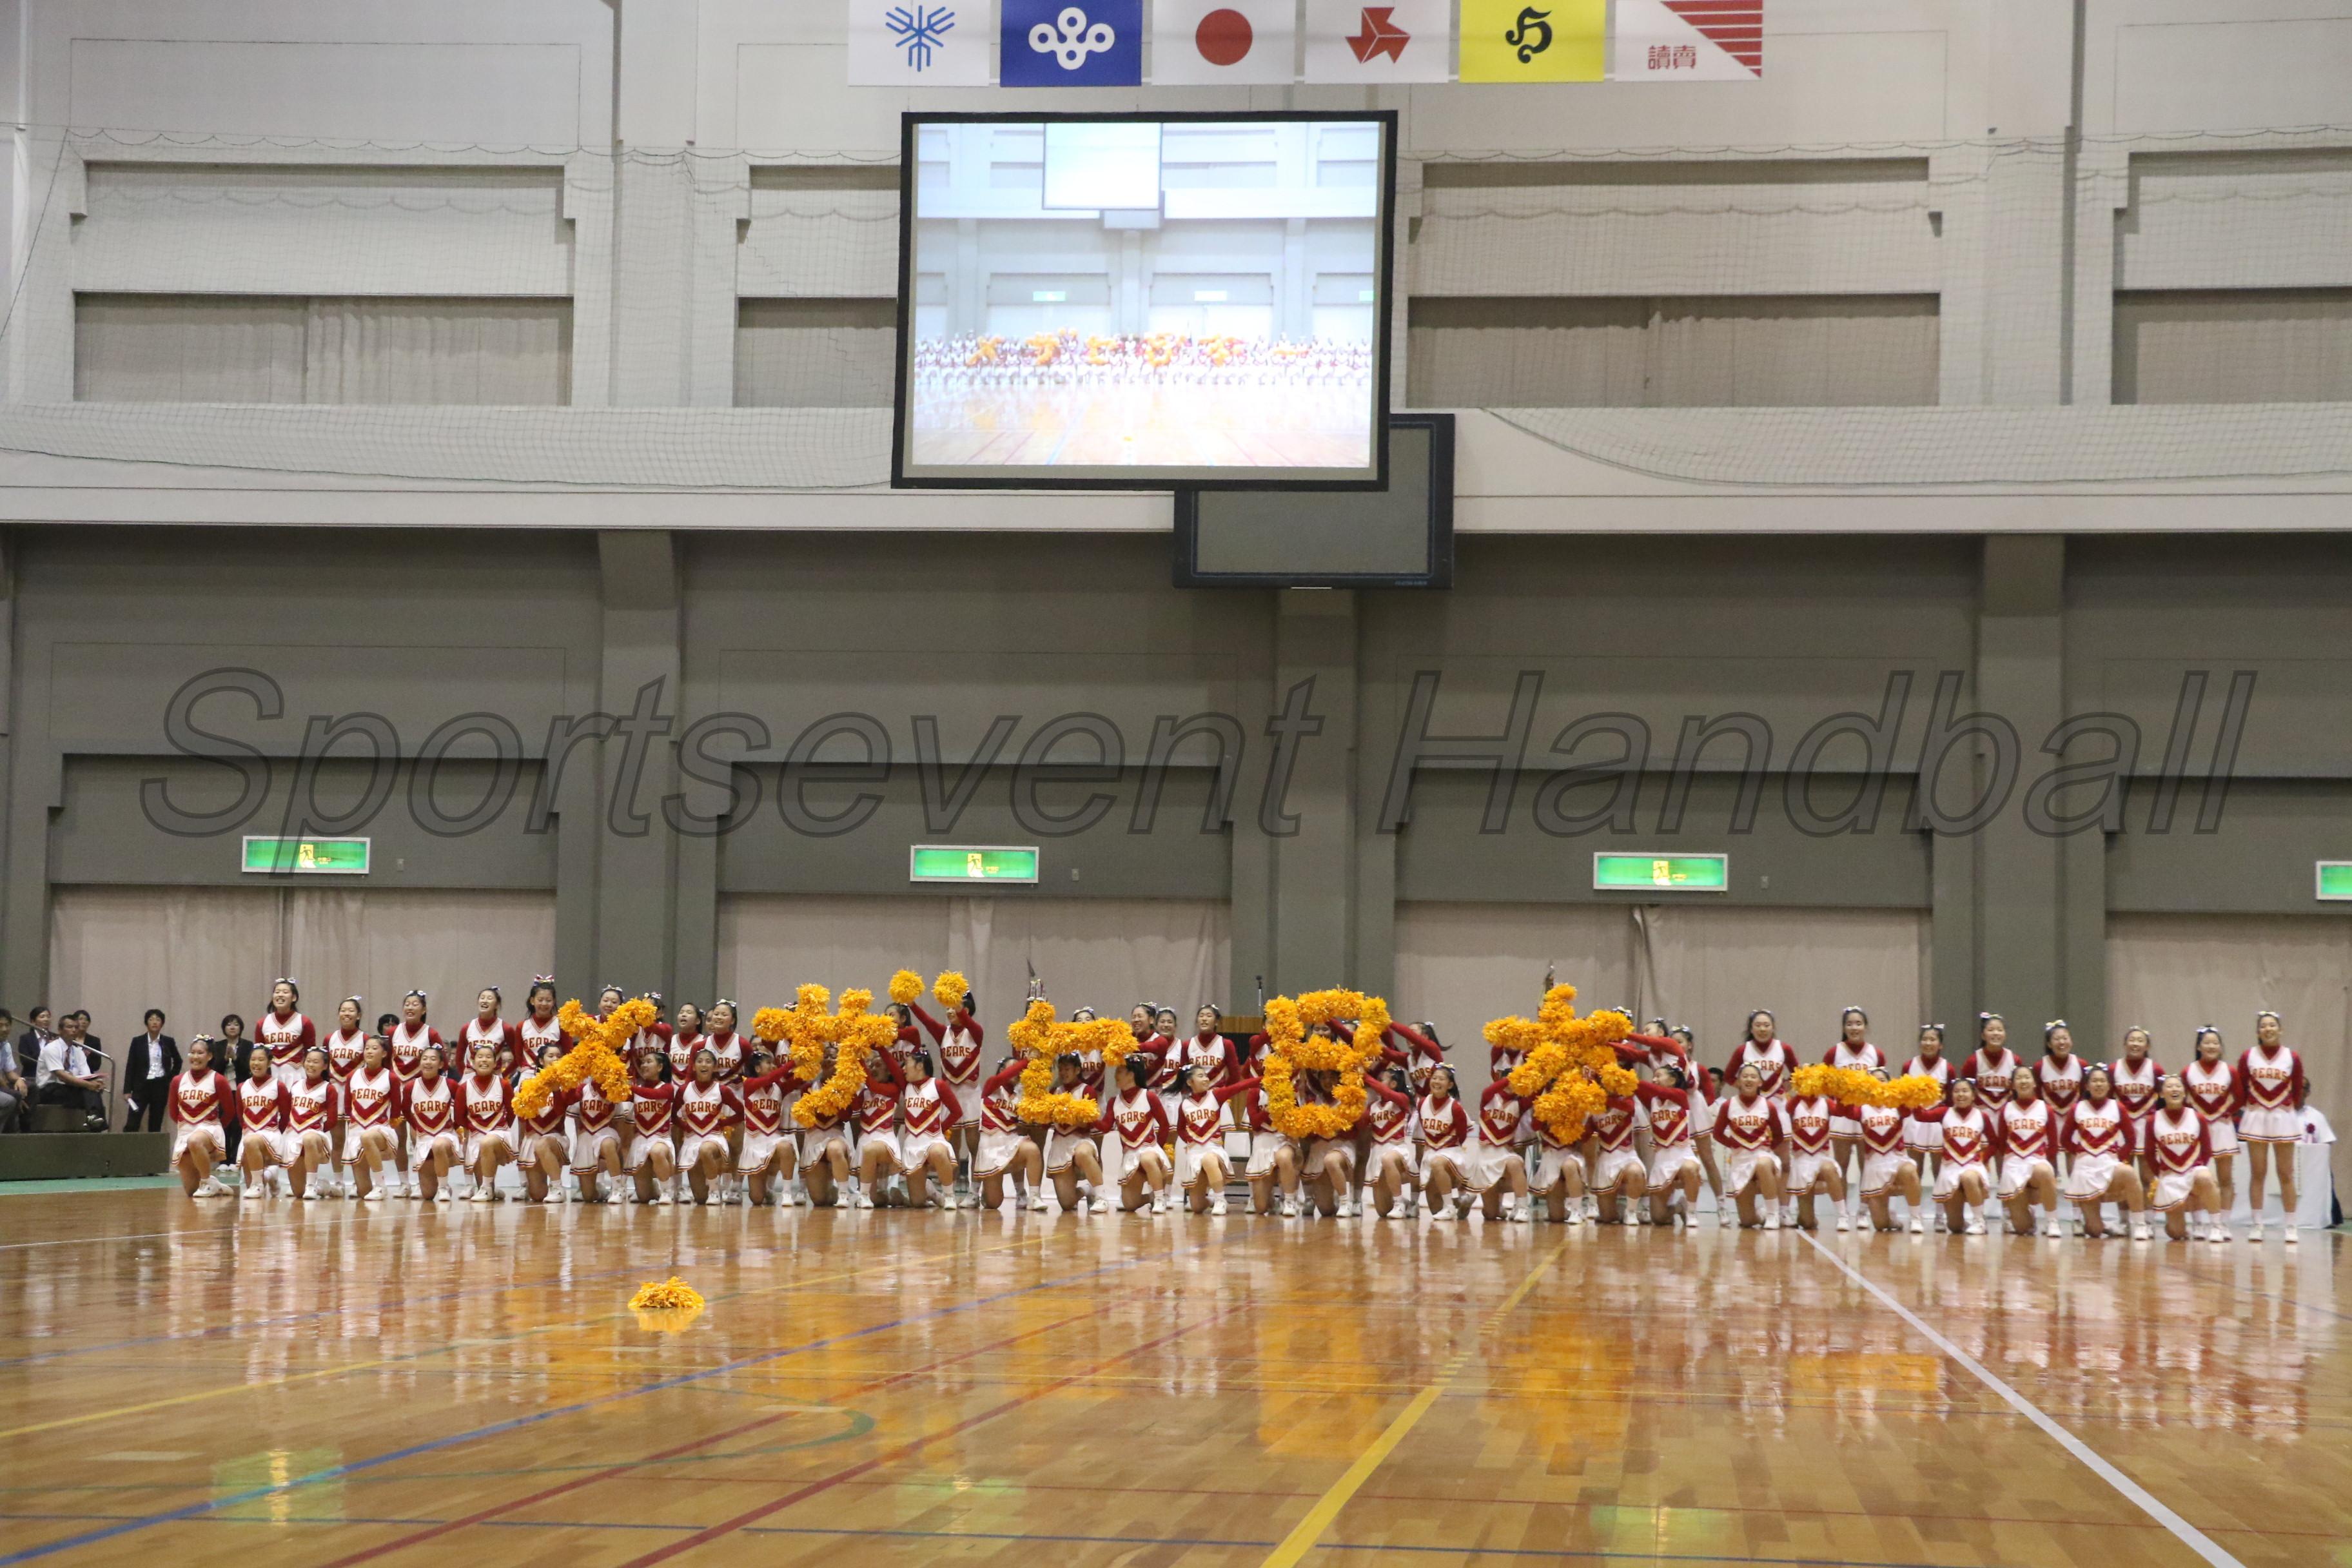 「メザセ日本一」。地元高校生から熱いメッセージが選手たちに送られた